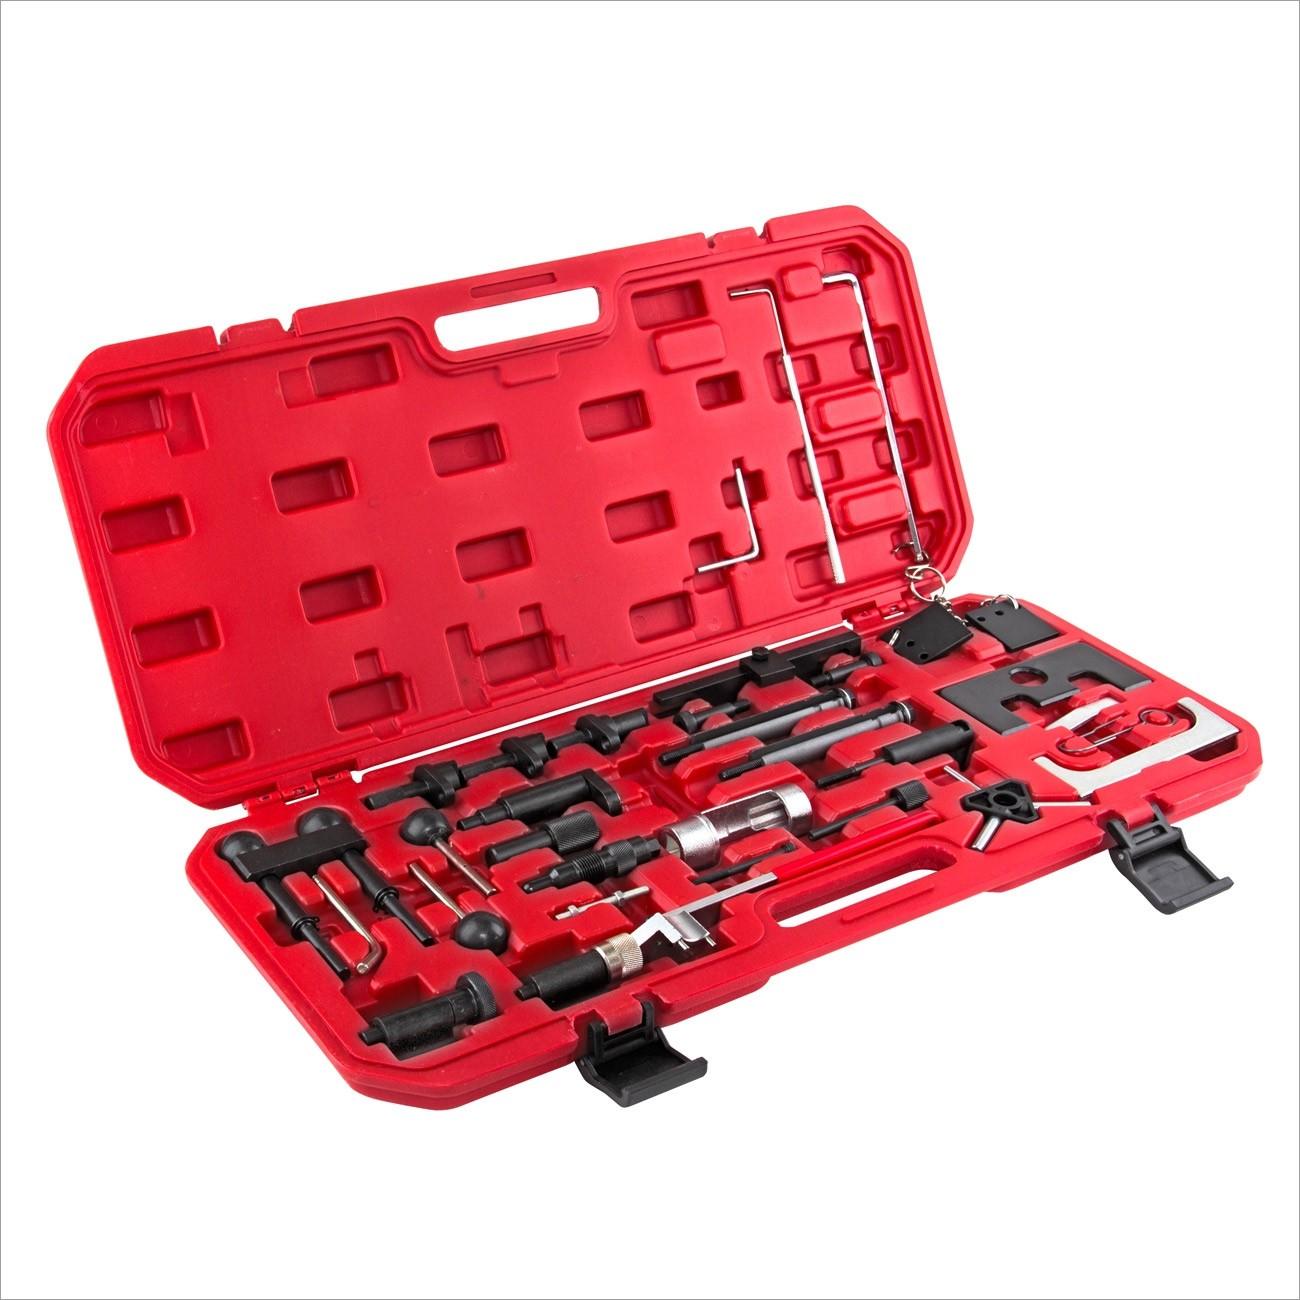 VAG Einstellwerkzeug / Arretierungswerkzeug Set